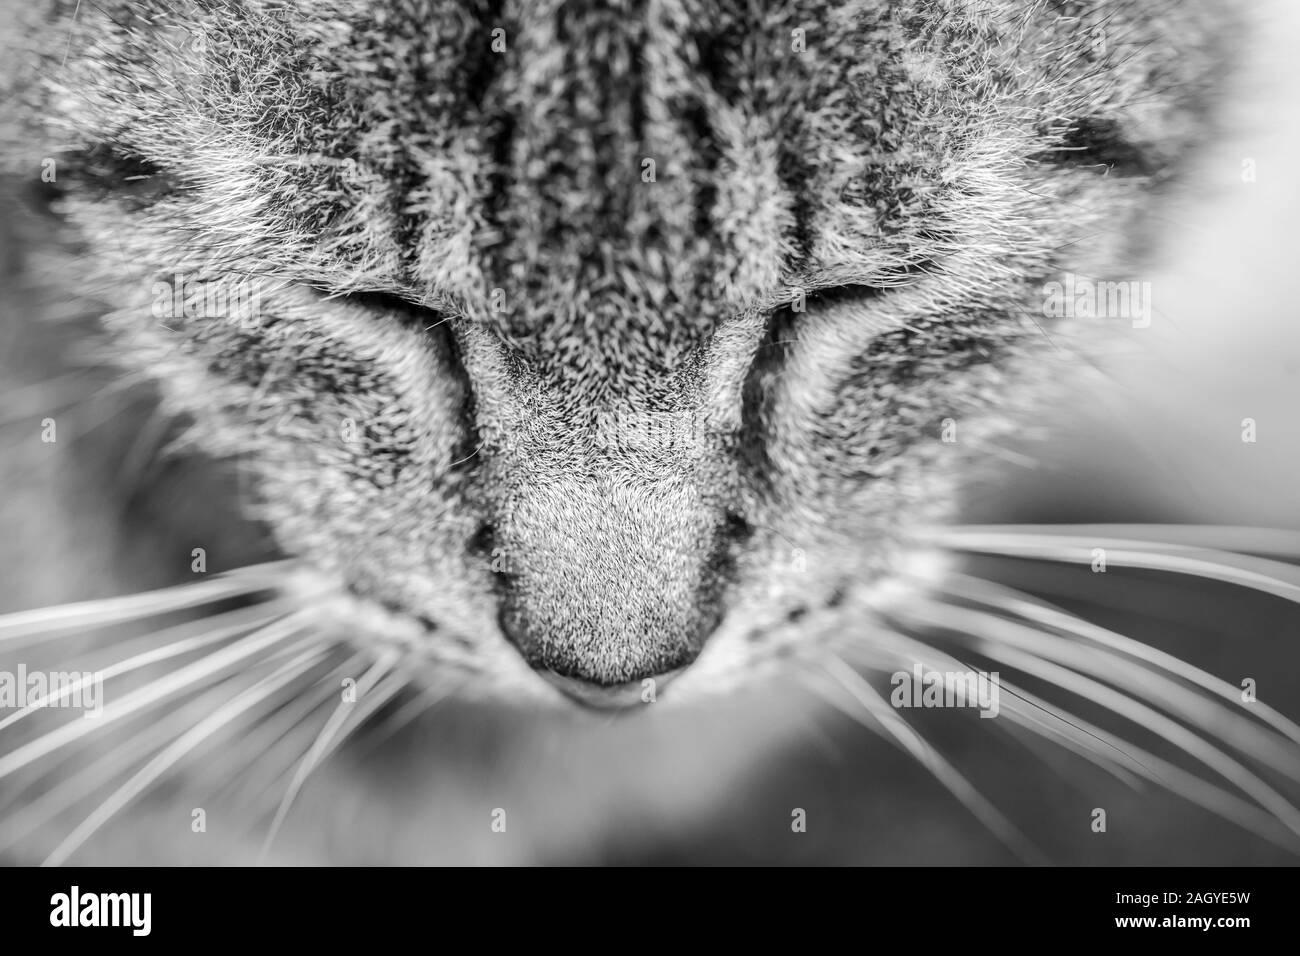 Close-up ritratto di tabby cat. In bianco e nero. Gli occhi chiusi. Sleepy cat. Foto Stock